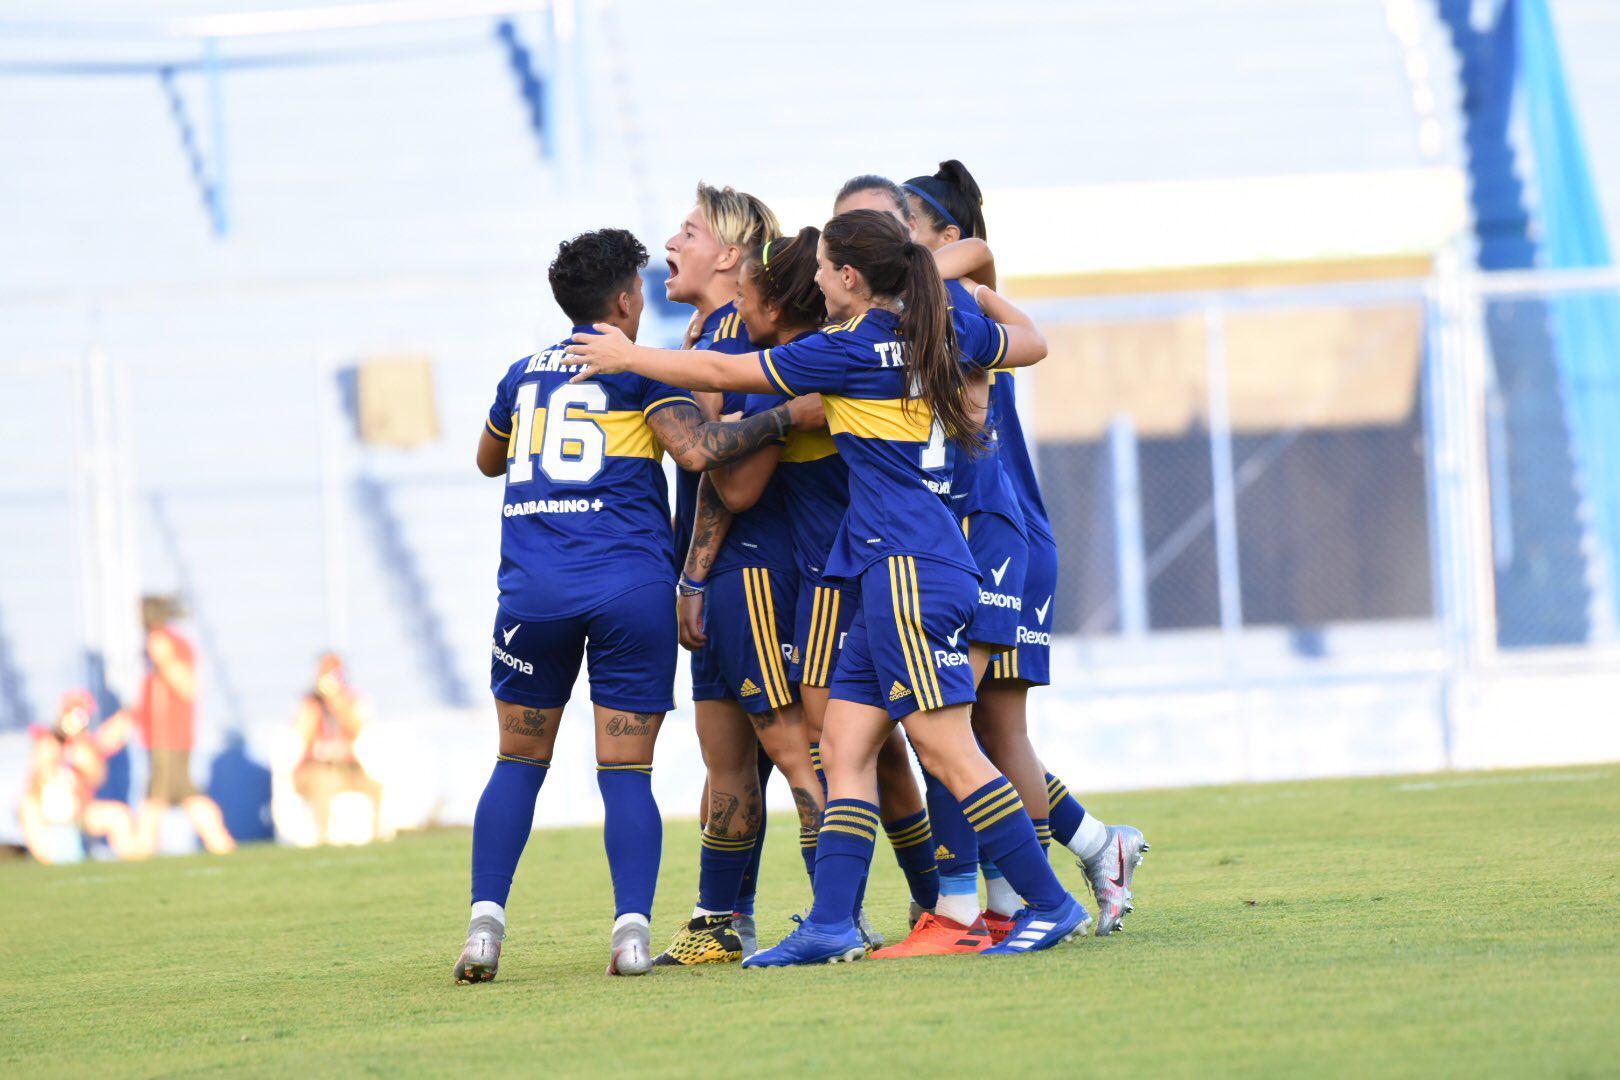 Boca está goleando a River en la final del fútbol femenino de AFA